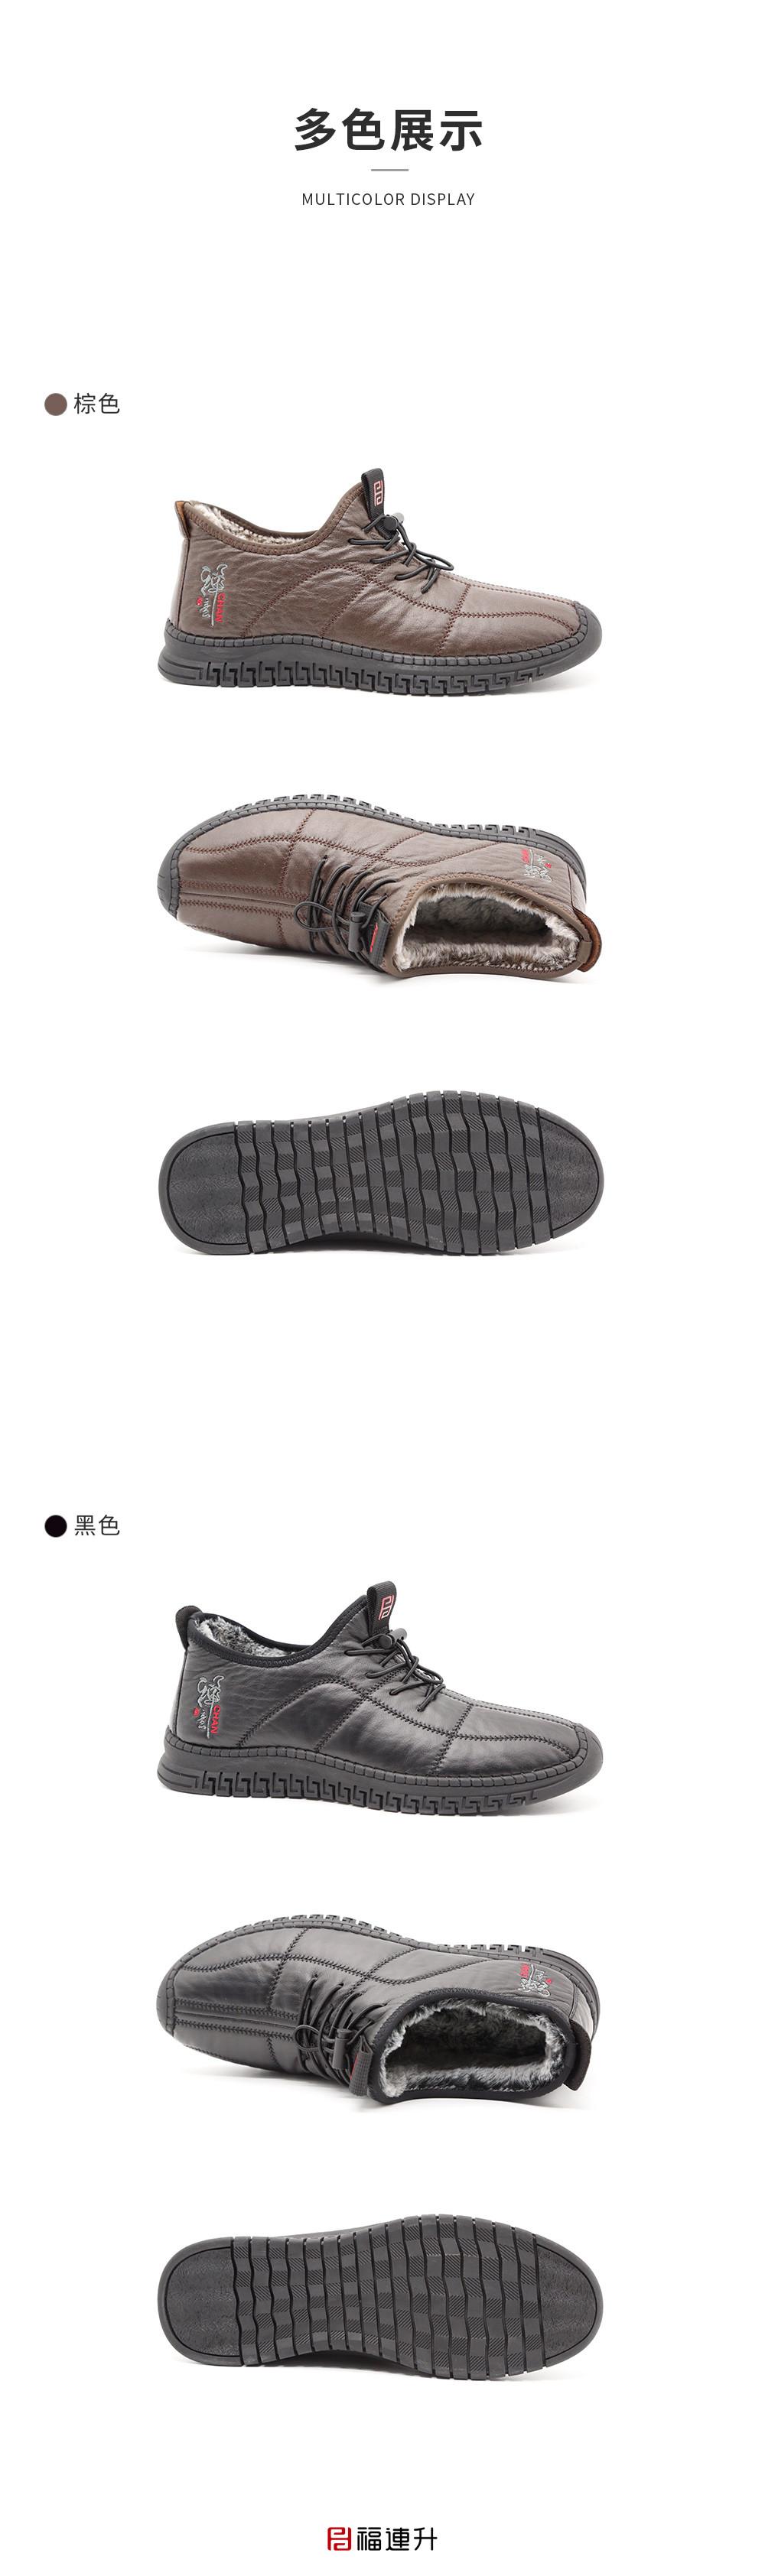 福连升休闲鞋男鞋2020冬季新款男保暖舒适休闲手缝鞋图片